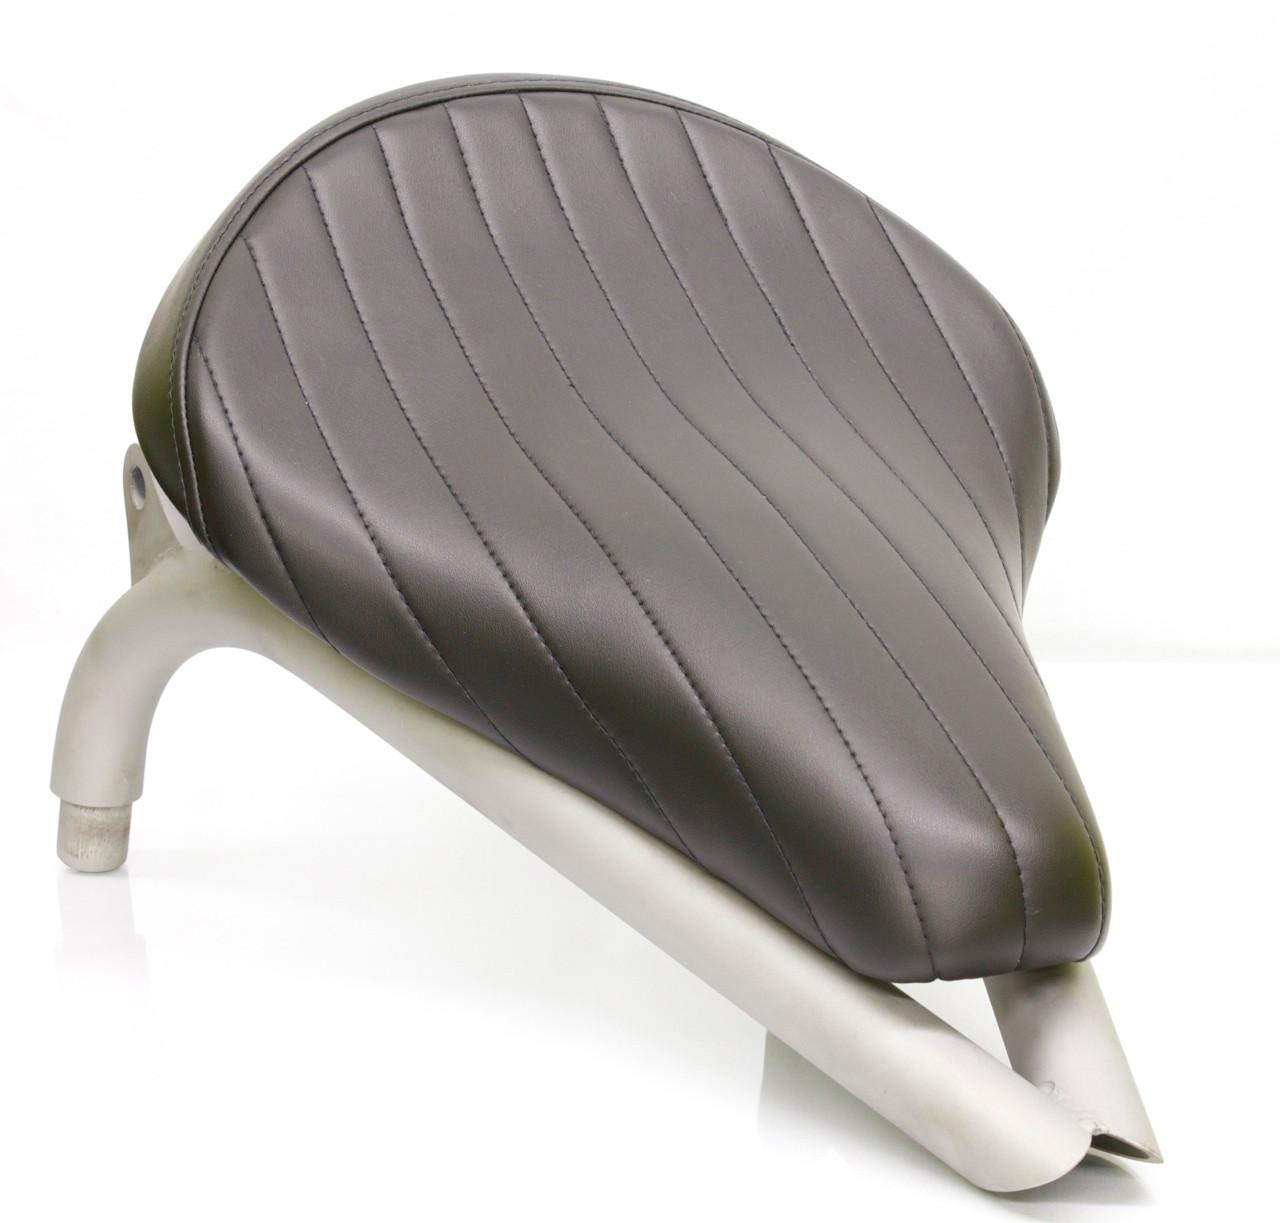 Xs650 brat seat